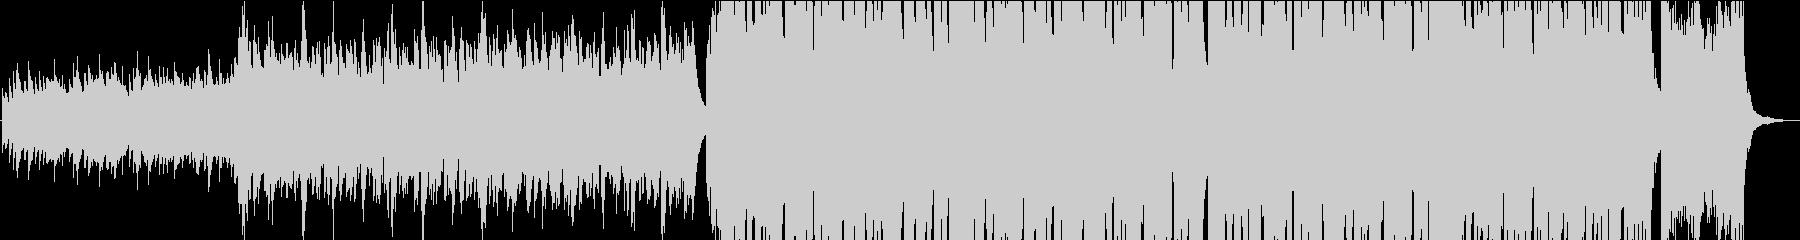 トイキッズ / SKA・ブラスロックの未再生の波形